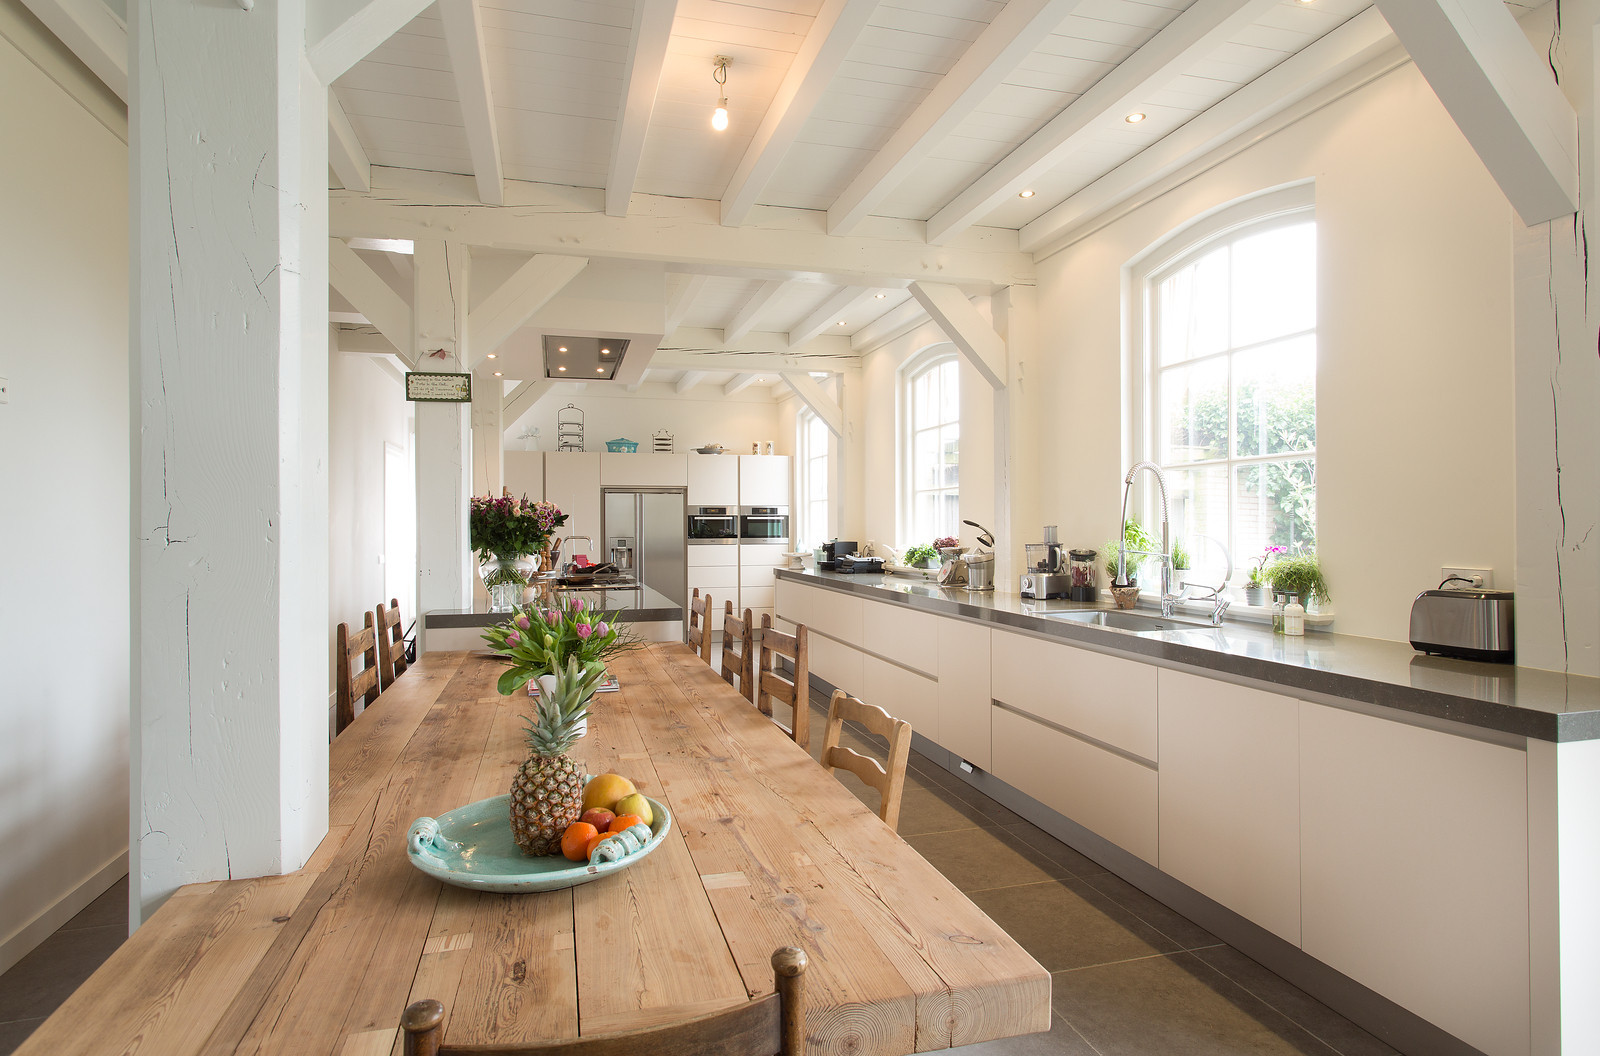 Binnenkijker landelijke woonkeuken in woonboerderij